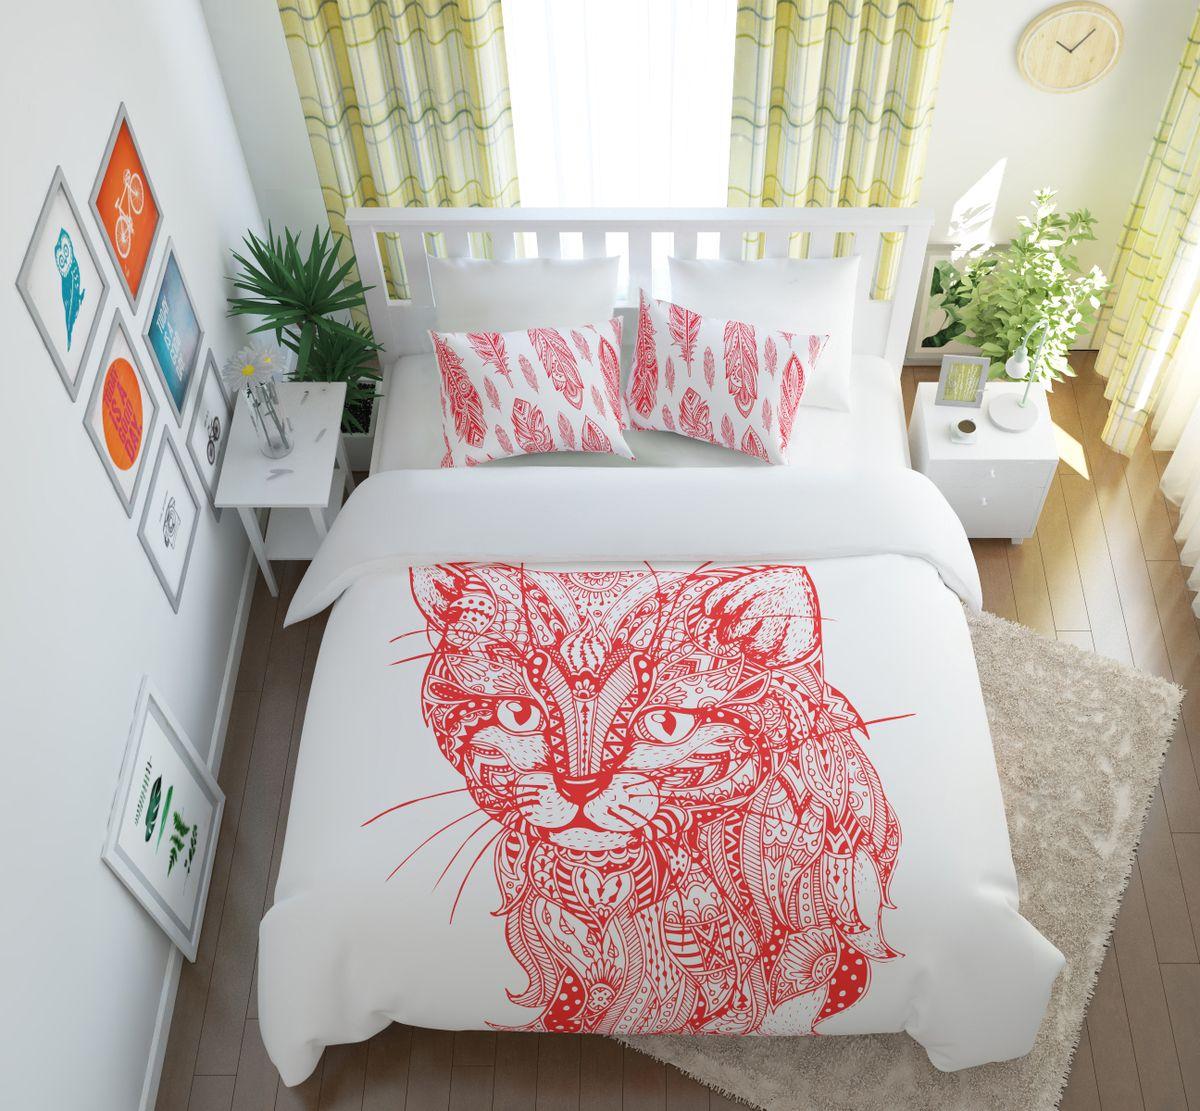 Комплект белья Сирень Волшебный кот, 2-спальный, наволочки 50х70VCA-00Комплект постельного белья Сирень 2-х спальный выполнен из прочной и мягкой ткани. Четкий и стильный рисунок в сочетании с насыщенными красками делают комплект постельного белья неповторимой изюминкой любого интерьера. Постельное белье идеально подойдет для подарка. Идеальное соотношение смешенной ткани и гипоаллергенных красок это гарантия здорового, спокойного сна. Ткань хорошо впитывает влагу, надолго сохраняет яркость красок. Цвет простыни, пододеяльника, наволочки в комплектации может немного отличаться от представленного на фото.В комплект входят: простыня - 200х220см; пододельяник 175х210 см; наволочка - 50х70х2шт. Постельное белье легко стирать при 30-40 градусах, гладить при 150 градусах, не отбеливать.Рекомендуется перед первым изпользованием постирать.